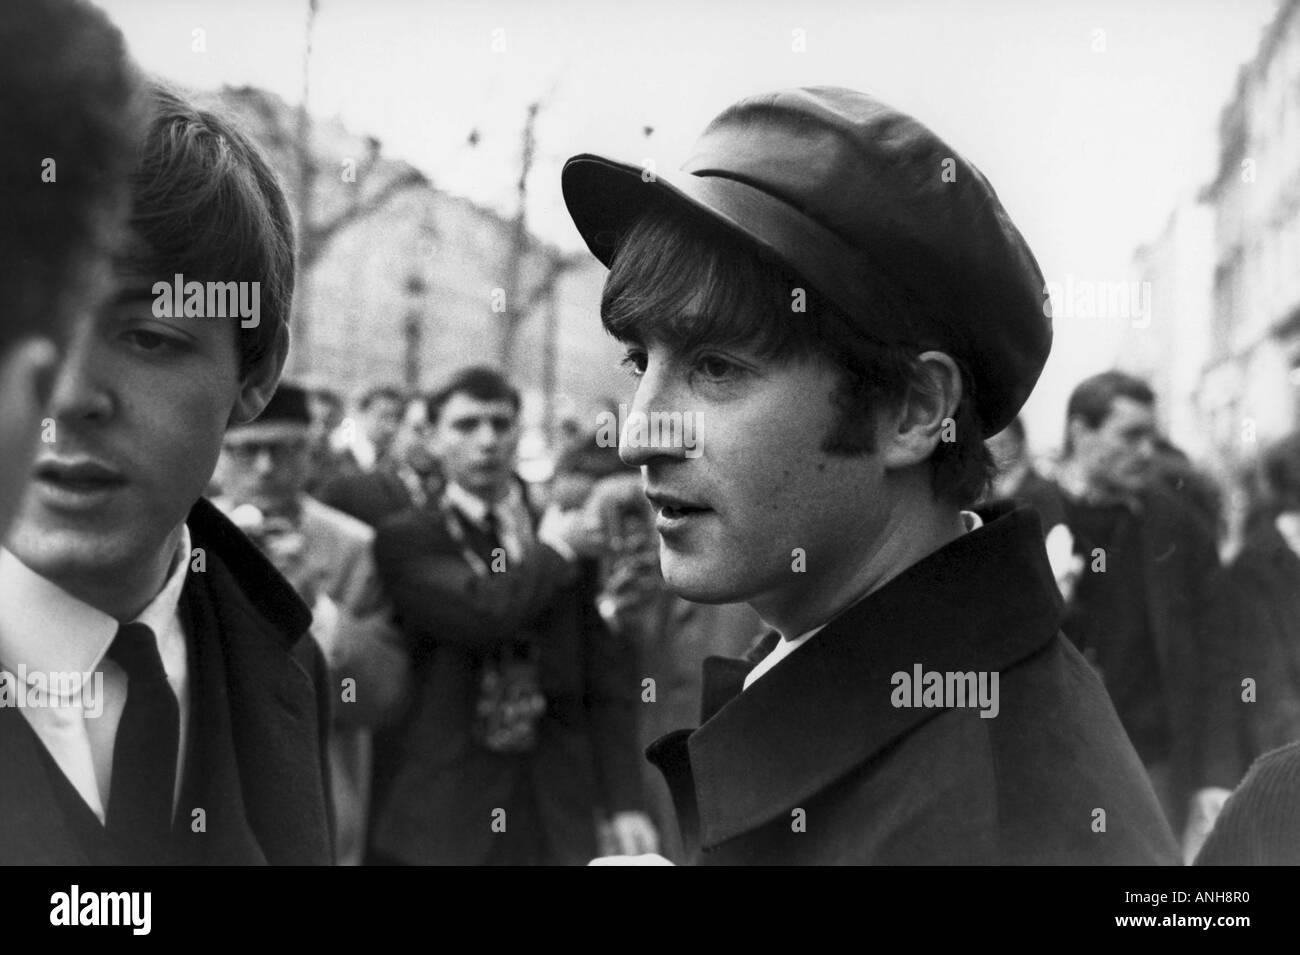 San Pablo y San Juan de los Beatles en el Champs Elysee durante una visita a París en enero de 1964 Foto de stock